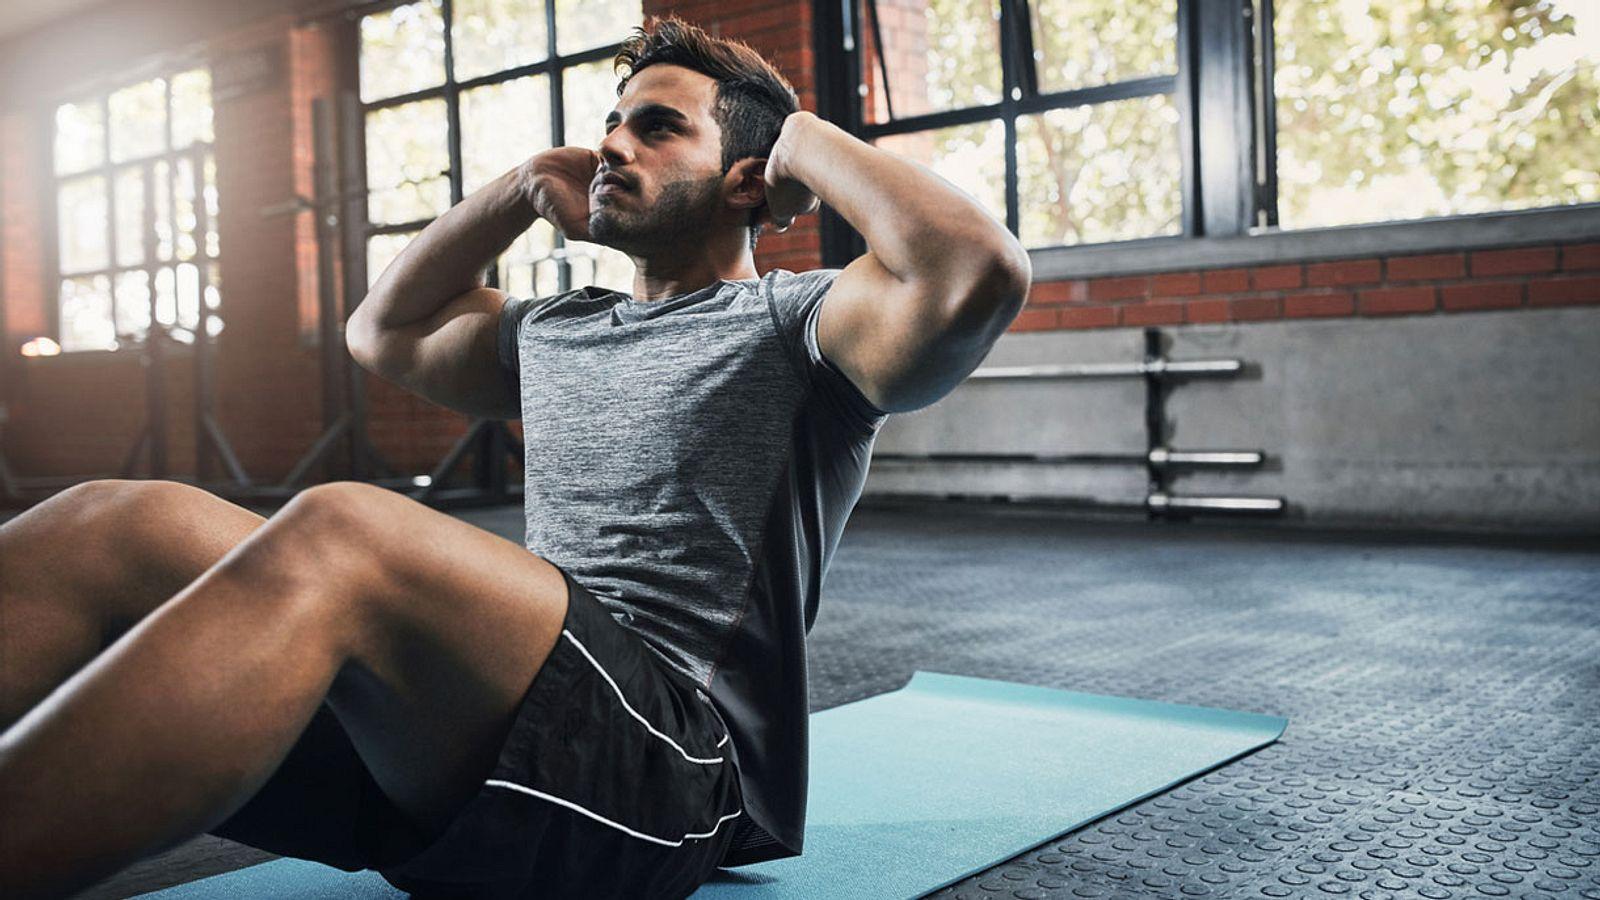 Mann beckenbodenübungen Beckenbodentraining für